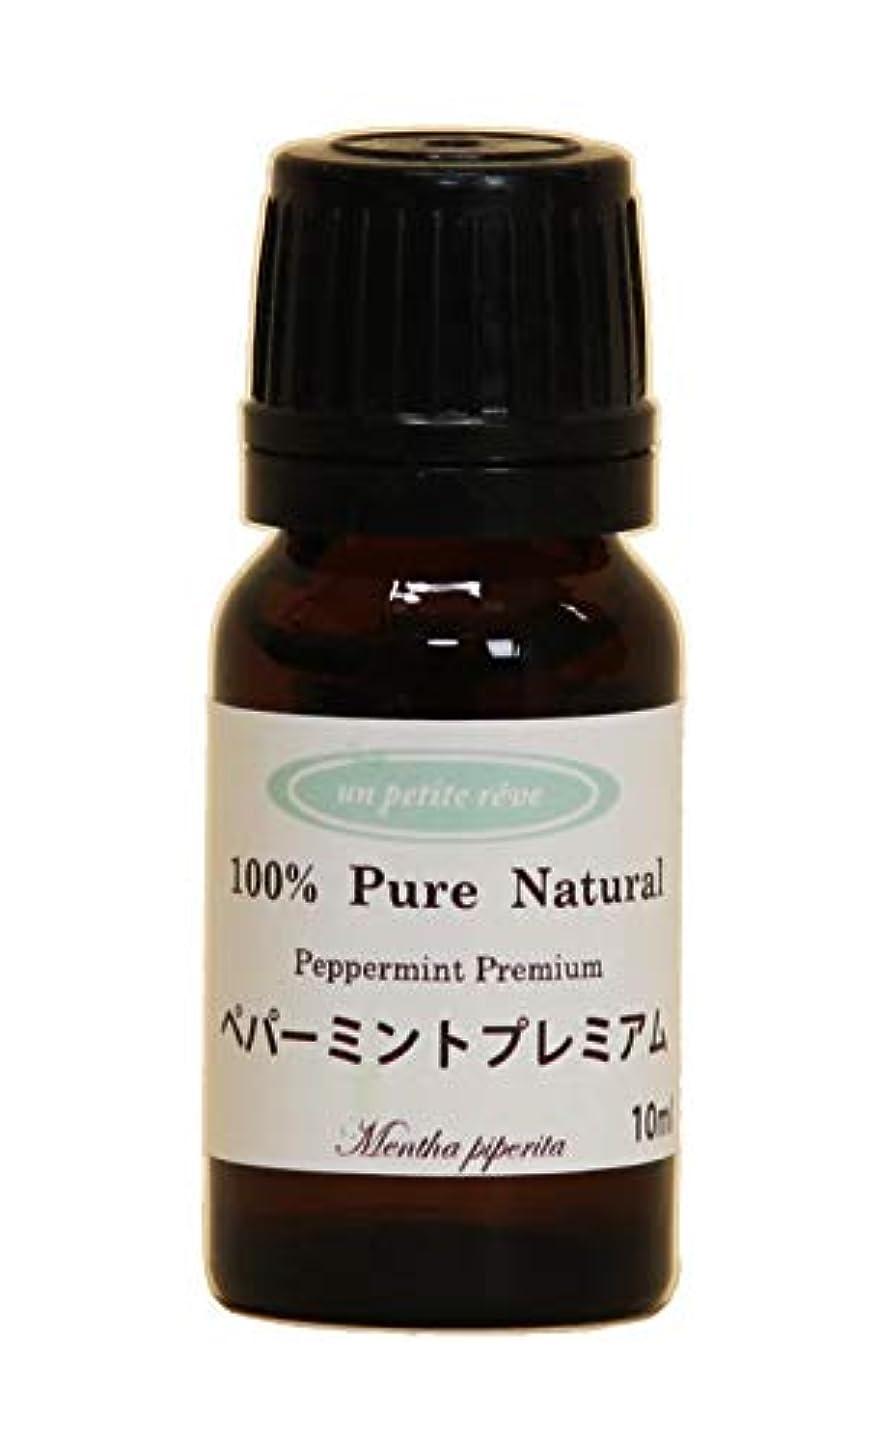 見る動機移住するペパーミントプレミアム 10ml 100%天然アロマエッセンシャルオイル(精油)